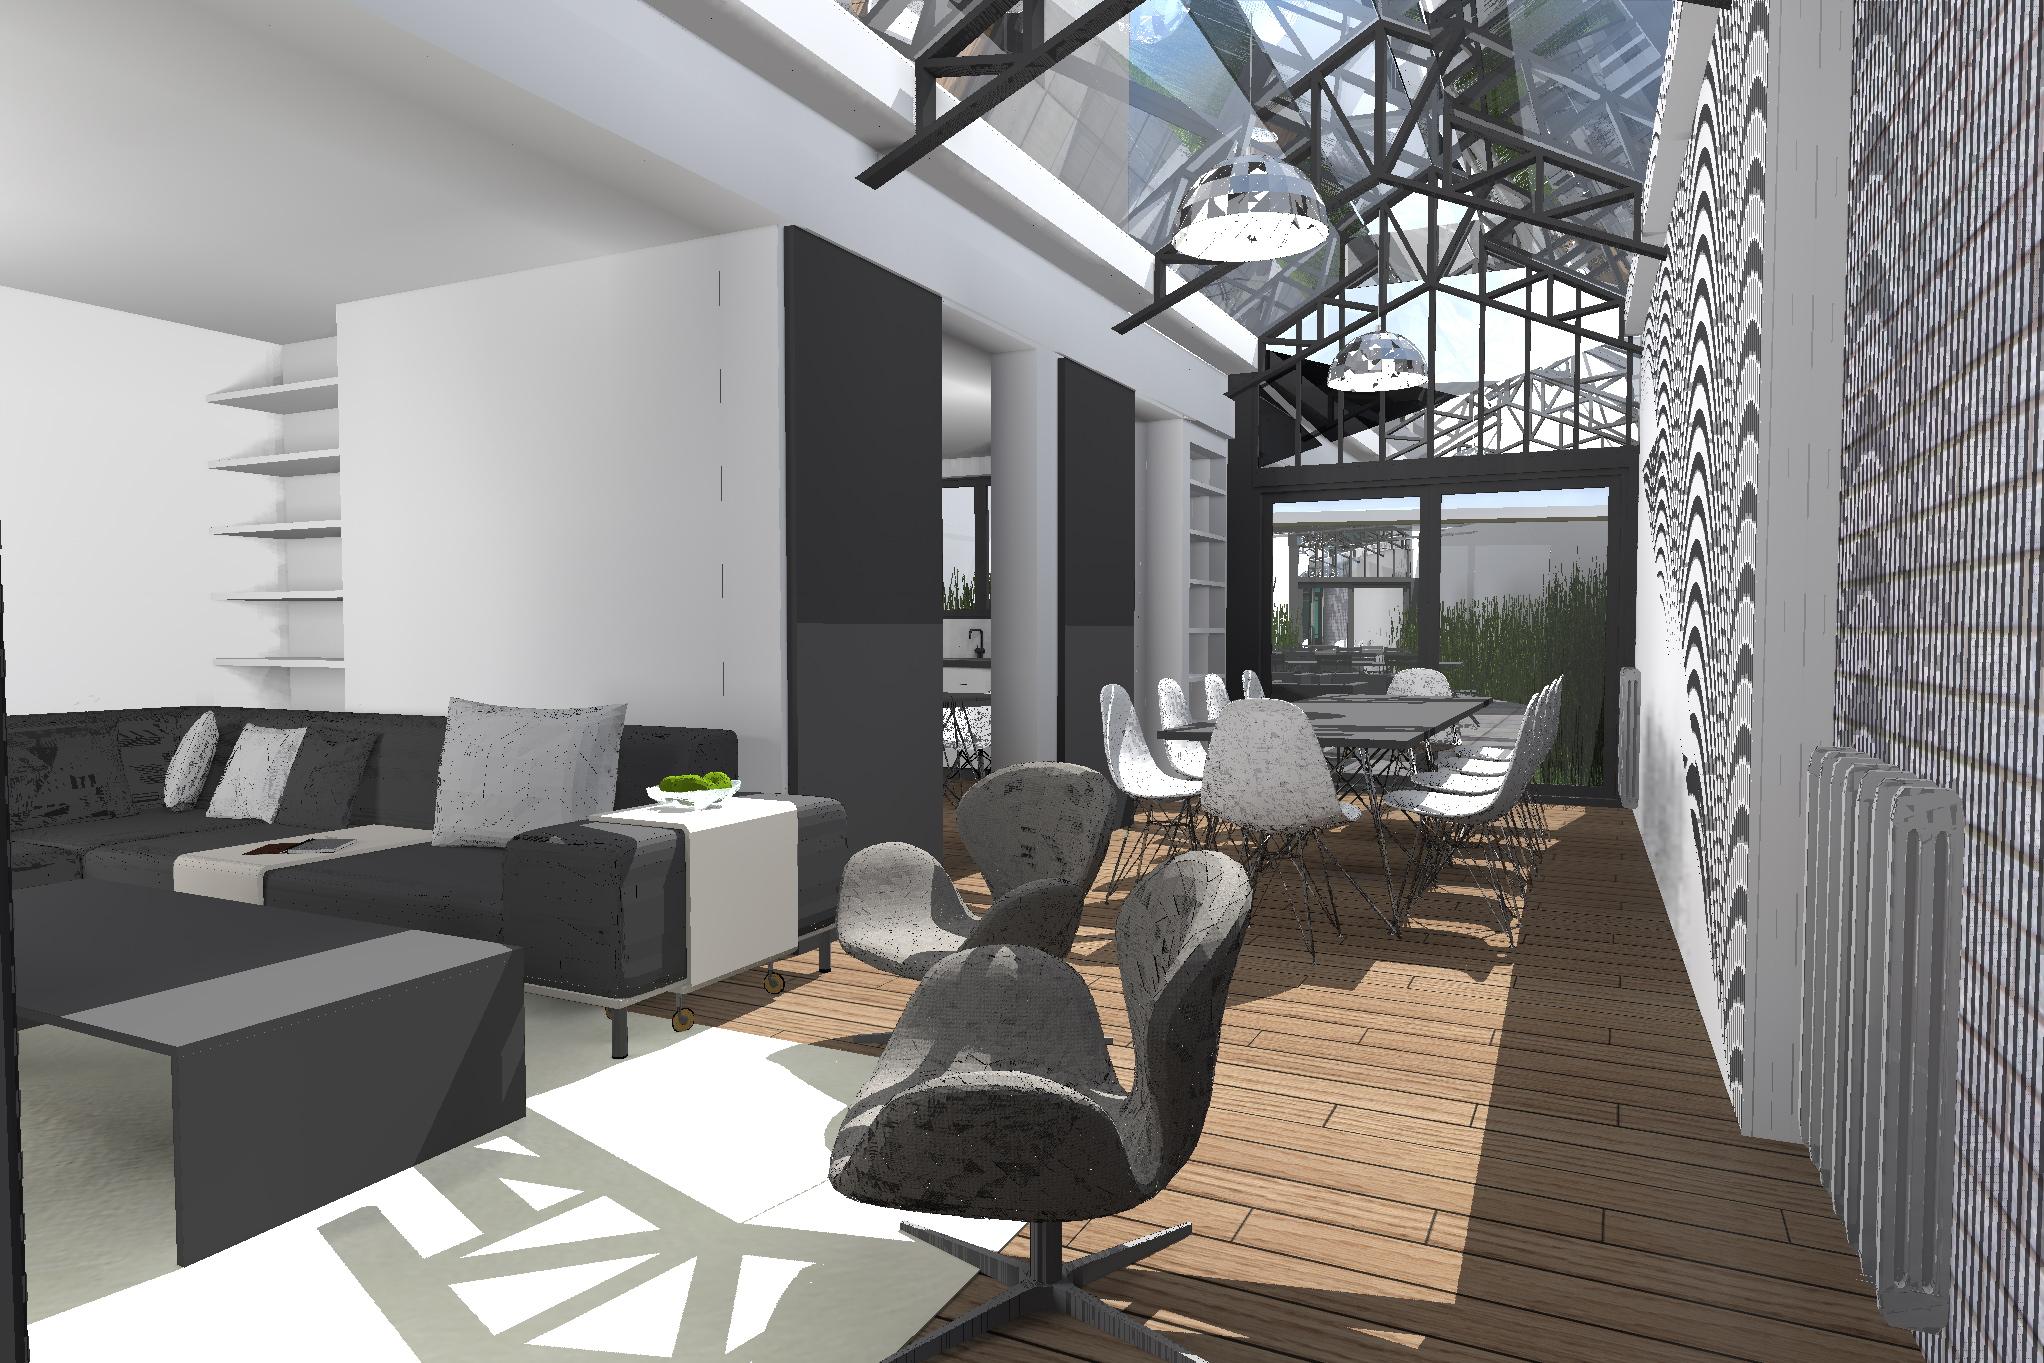 Agrandissement dun sejour jardin hiver cour cuisine salon salle manger verriere restructuration - Salle a manger loft ...